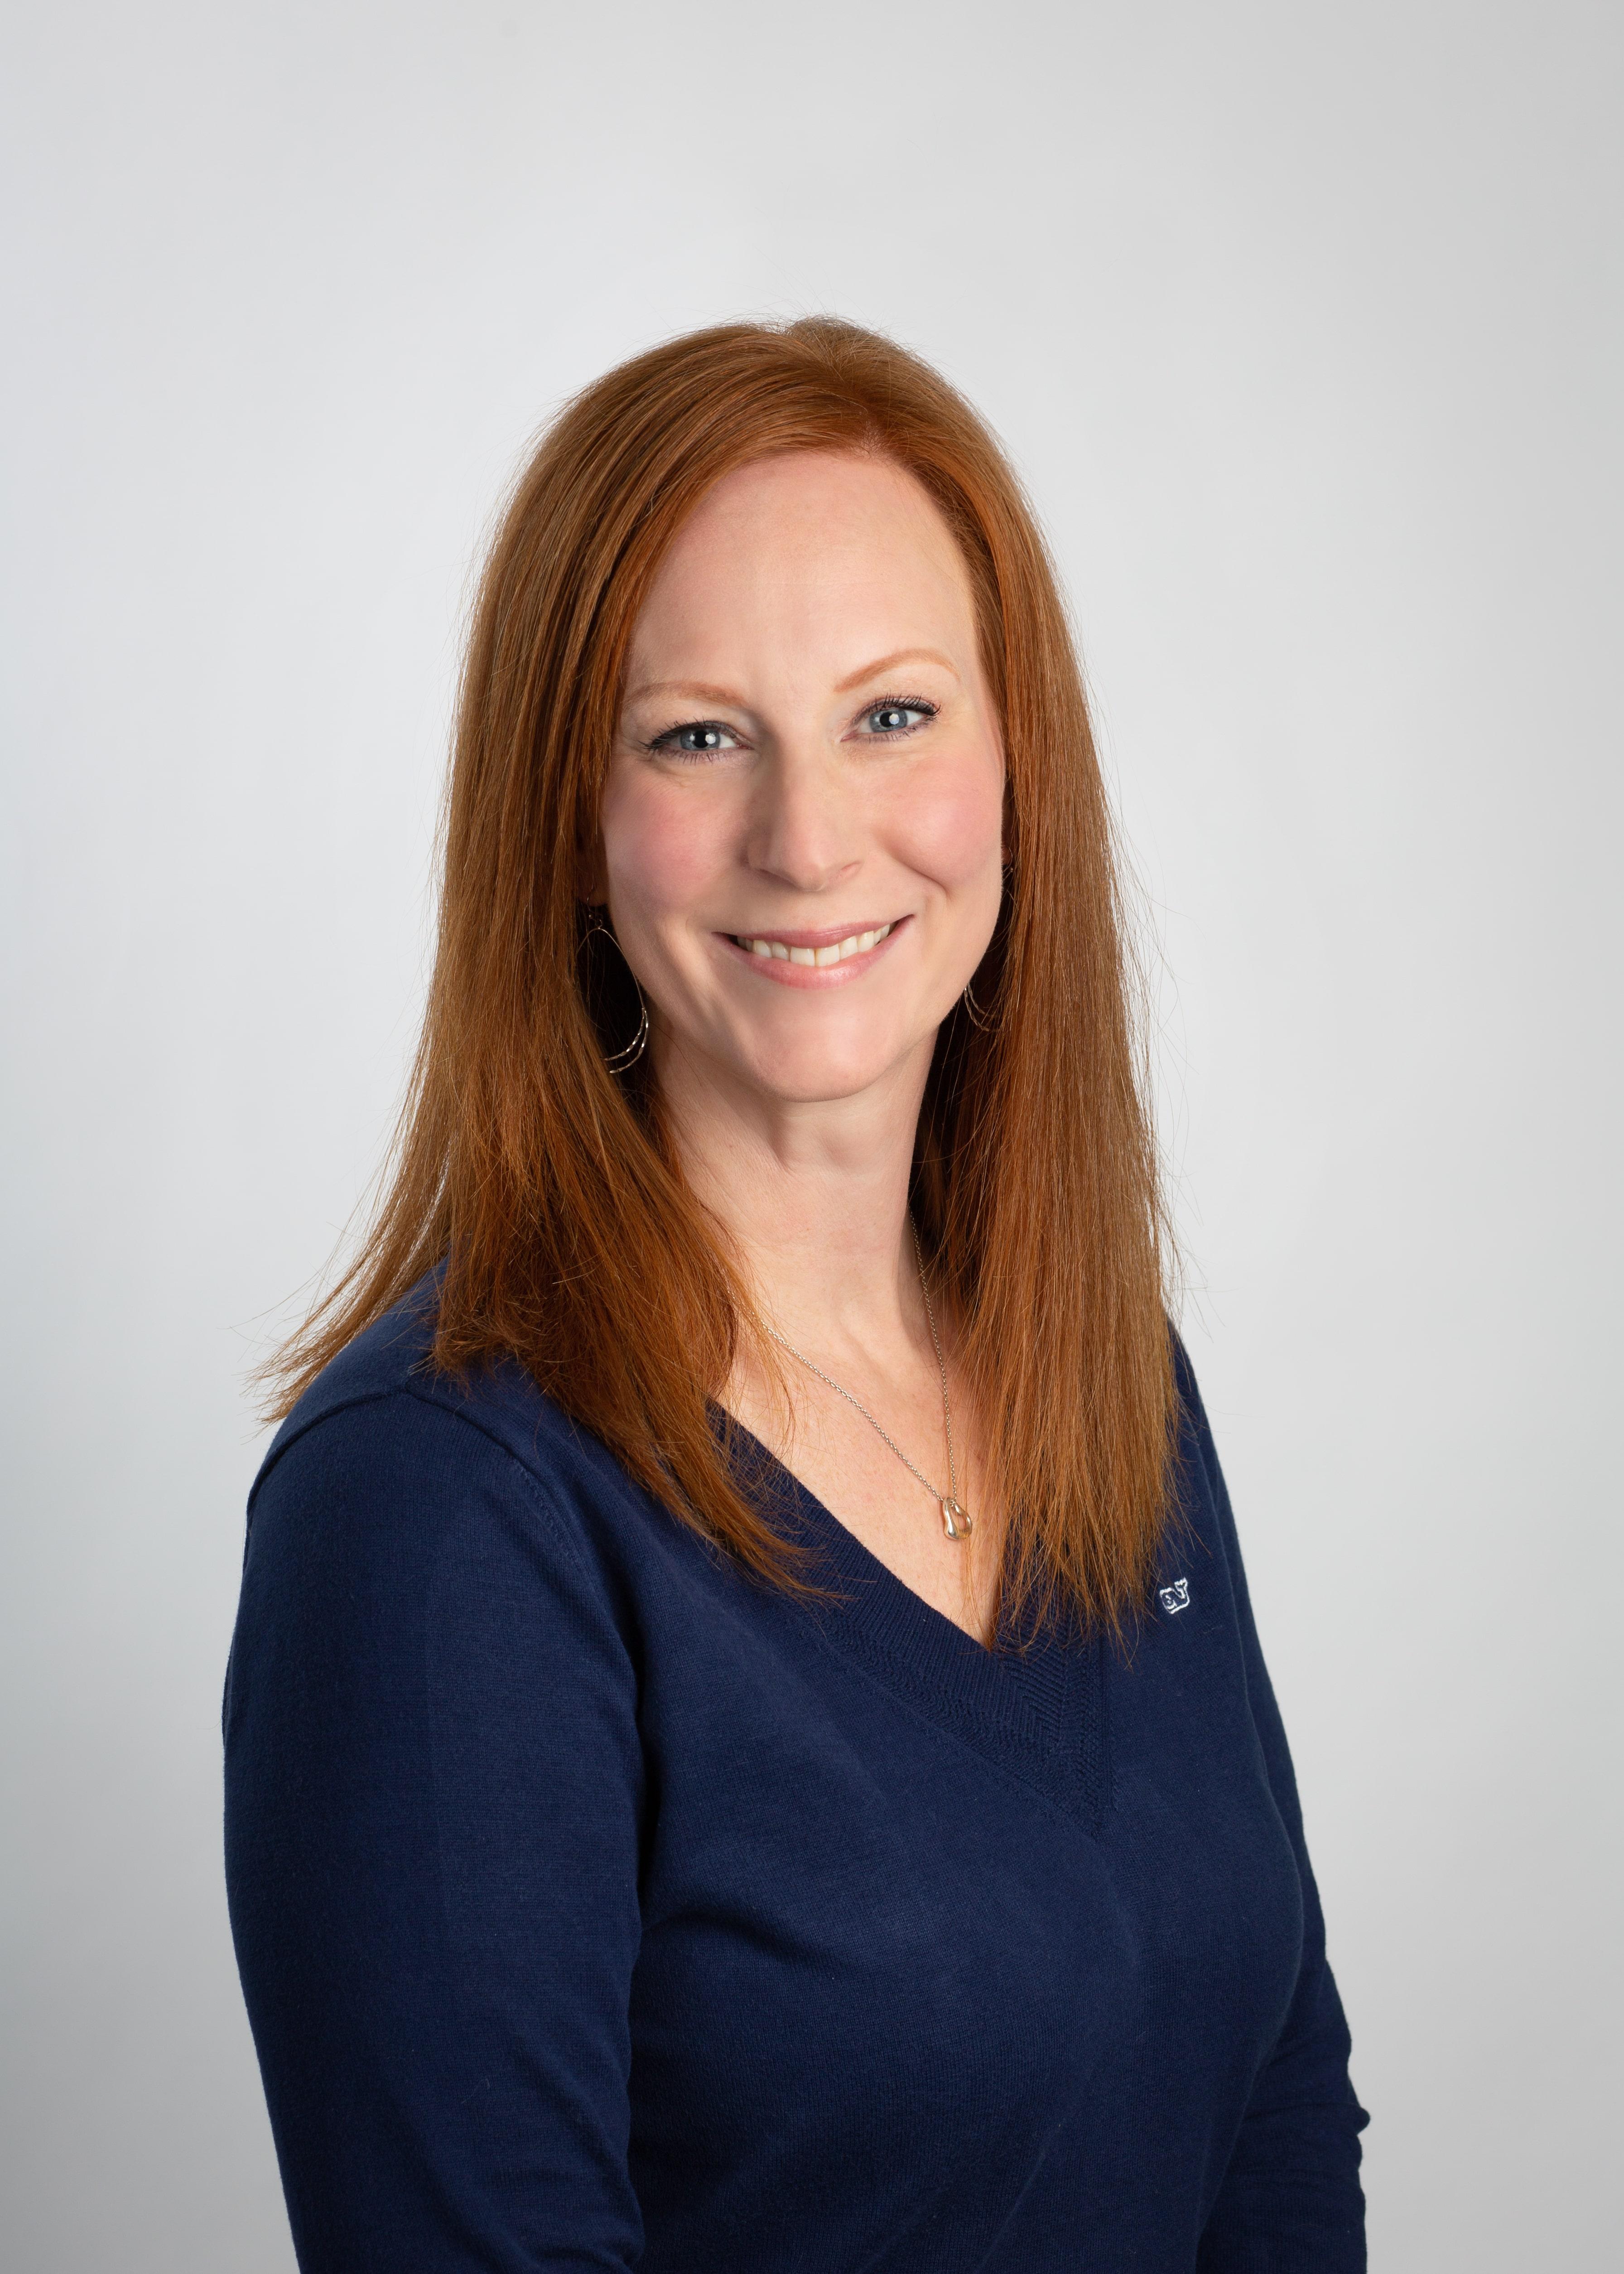 Stephanie Gallagher, RN